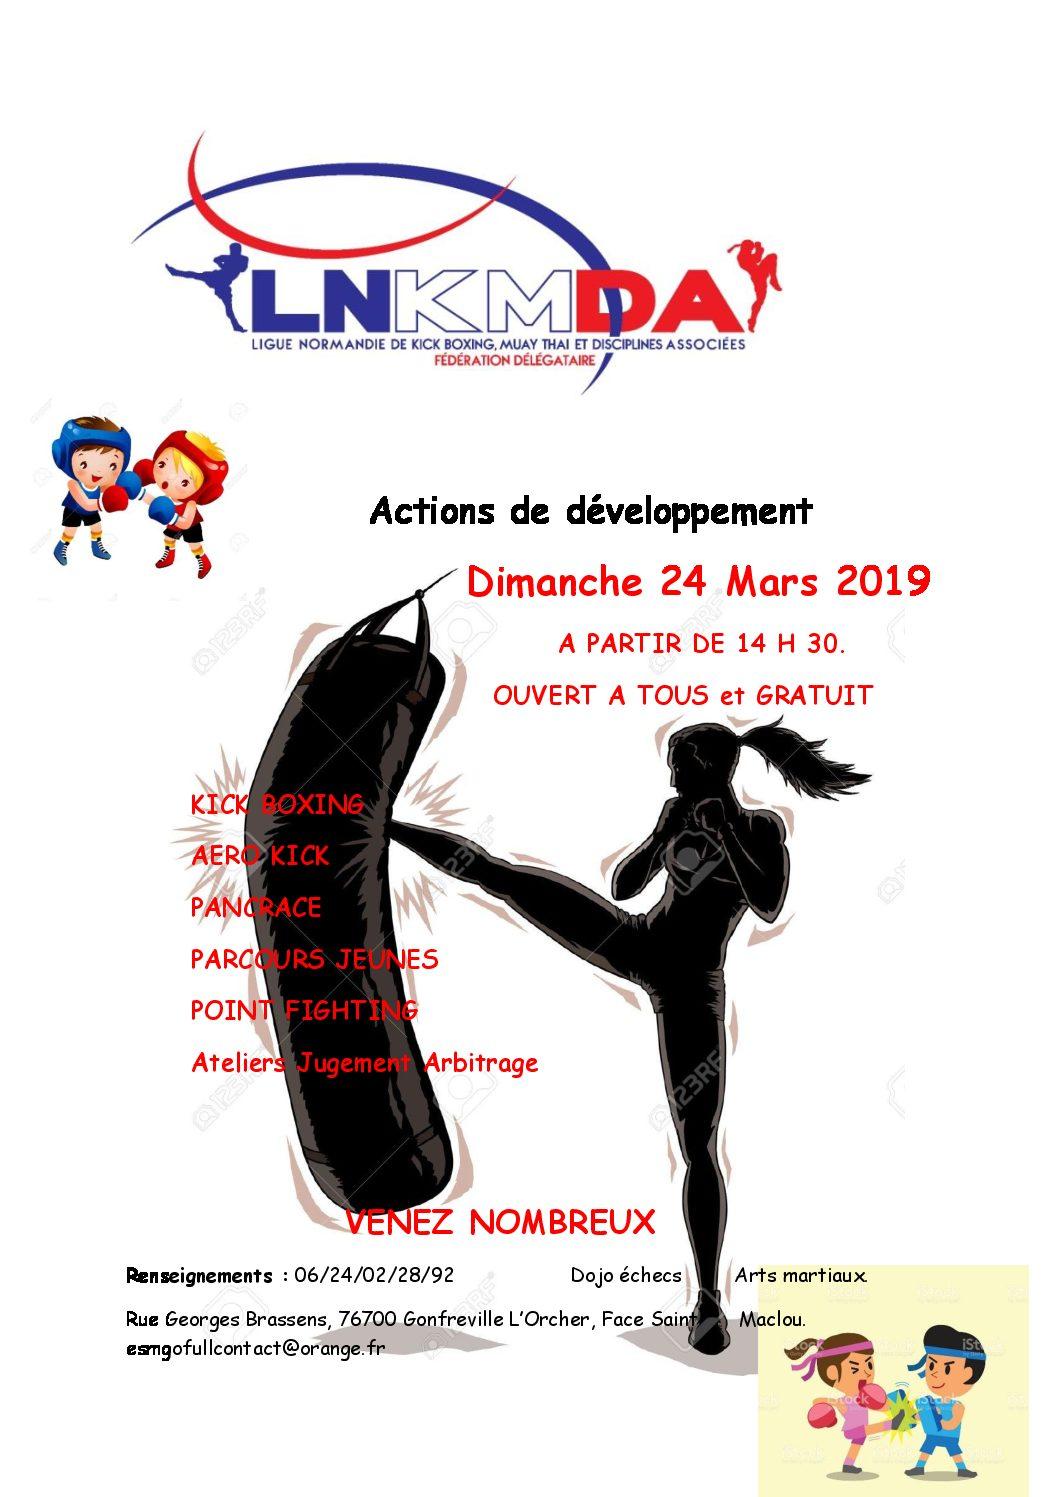 Actions de développement dimanche 24 mars après-midi à Gonfreville L'Orcher – Ouvert à tous et gratuit !